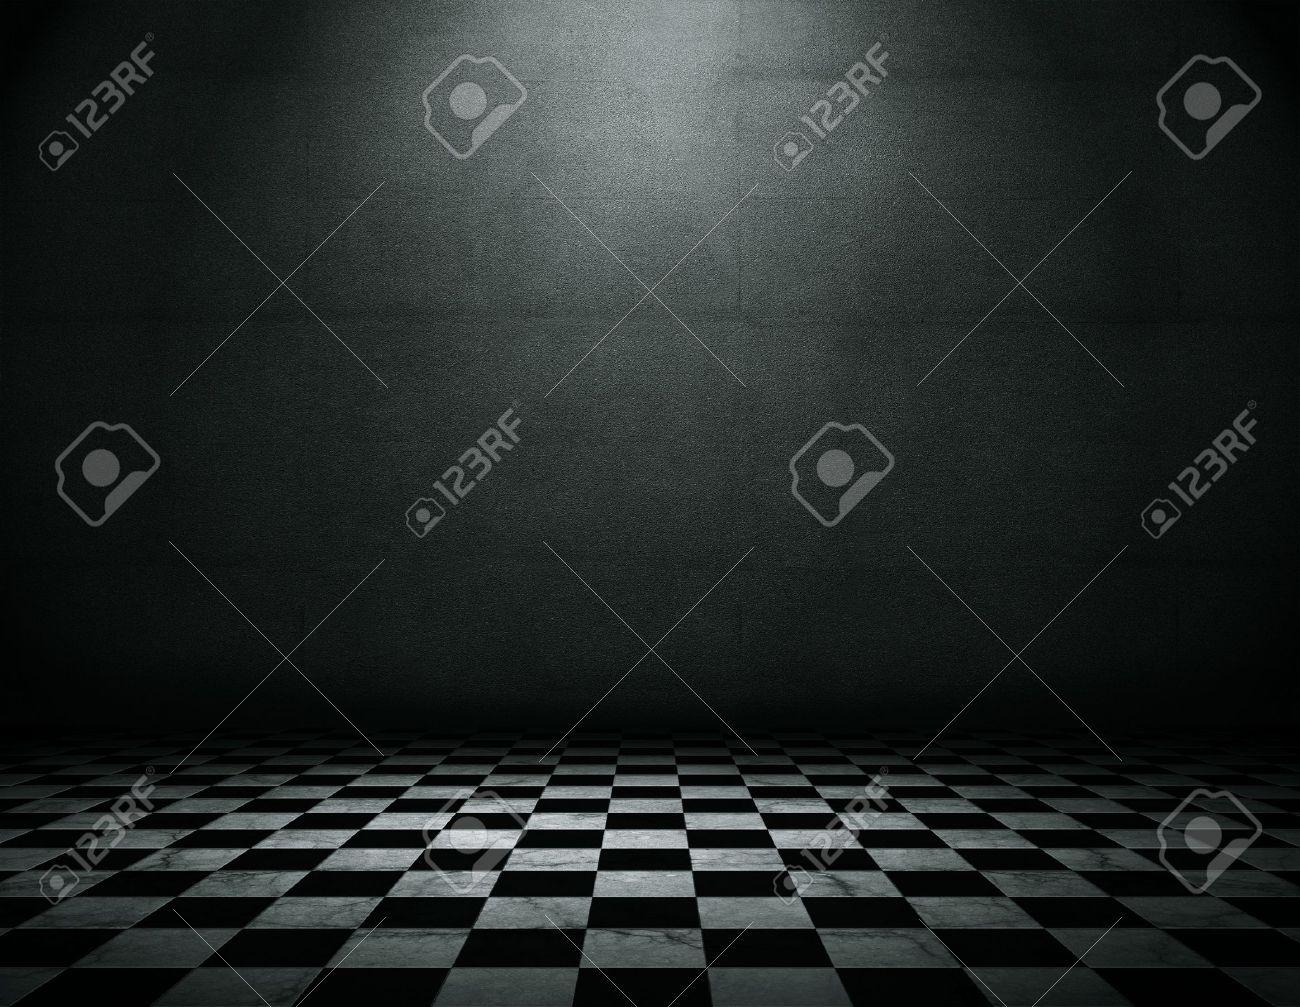 Empty grunge room Stock Photo - 11112167